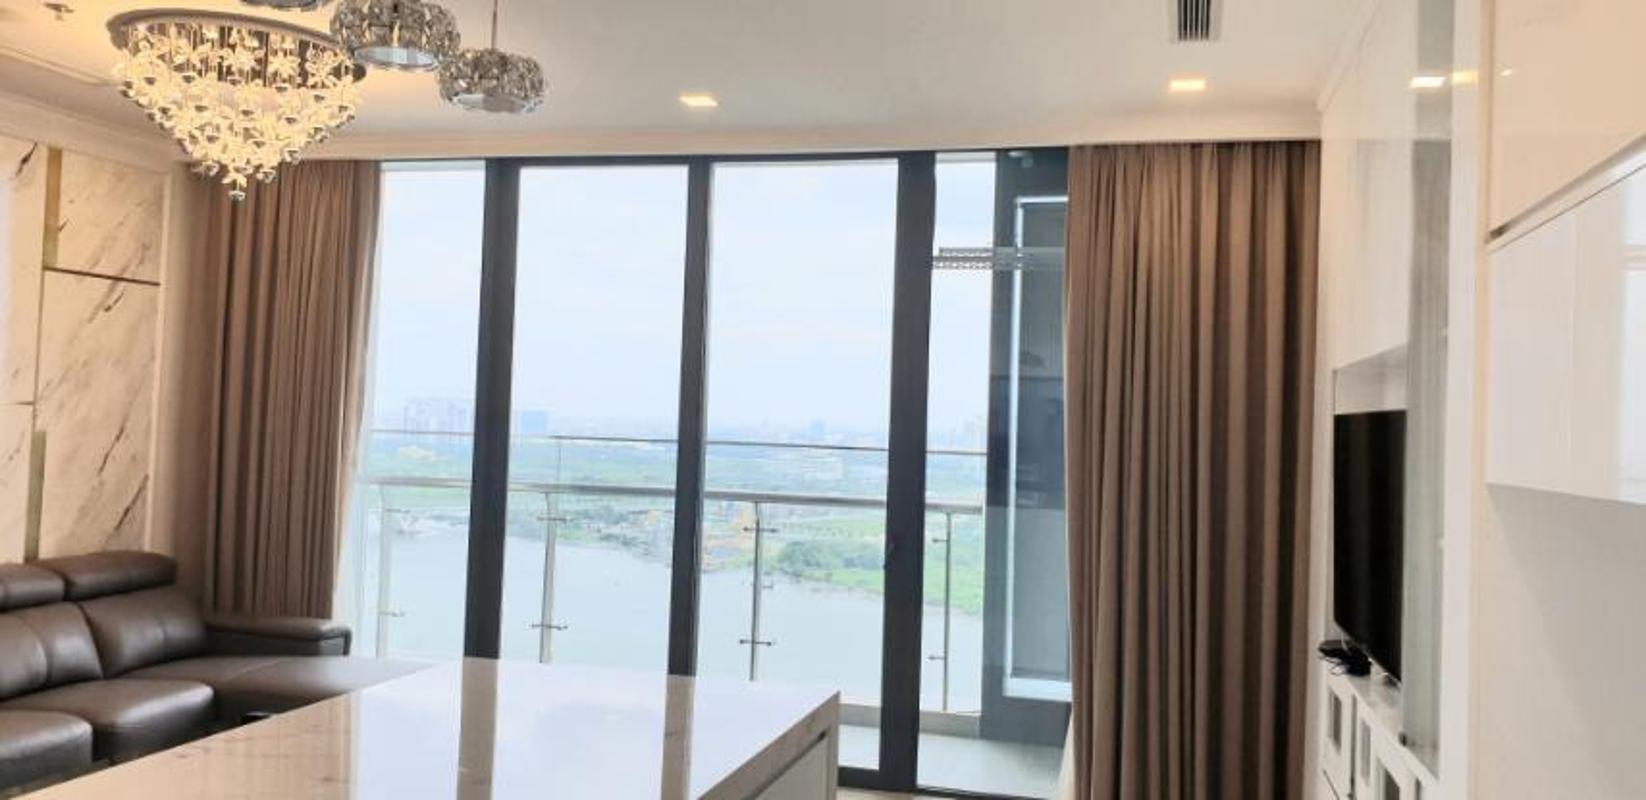 5 Cho thuê căn hộ Vinhomes Golden River 3PN, diện tích 118m2, đầy đủ nội thất, view sông thoáng mát